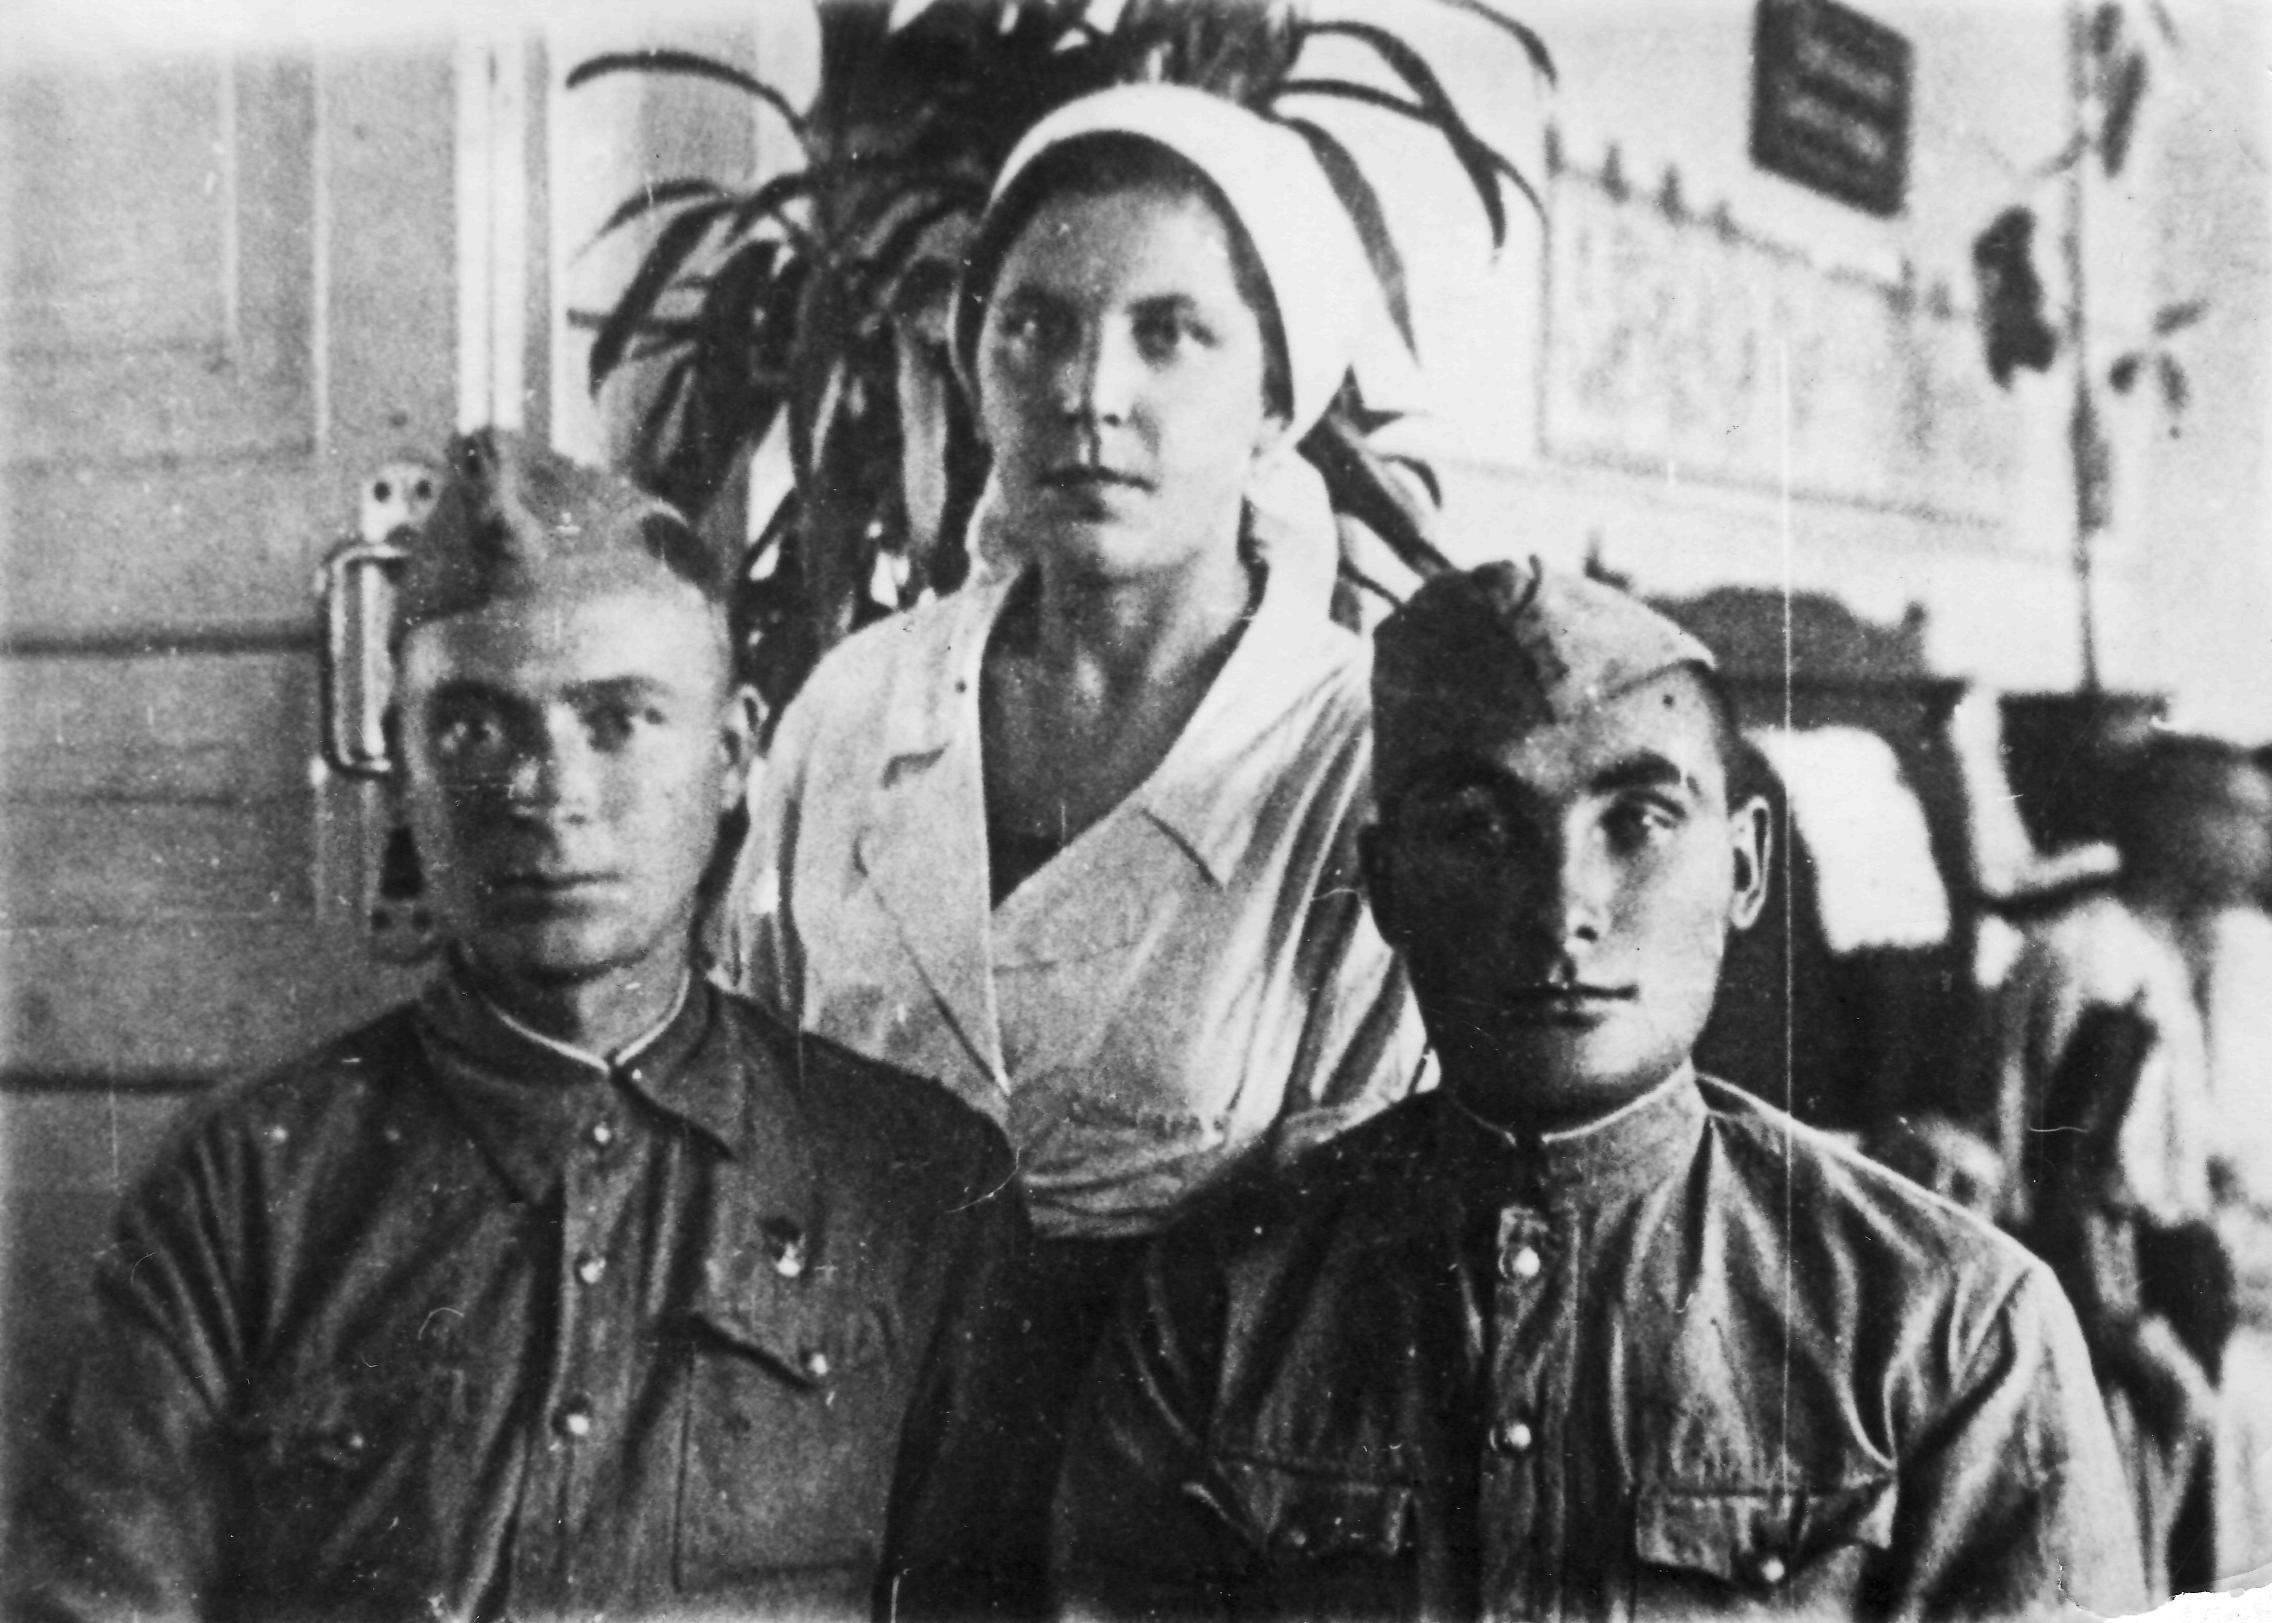 В госпитале 2551 перед возвращением в строй. 1942г.